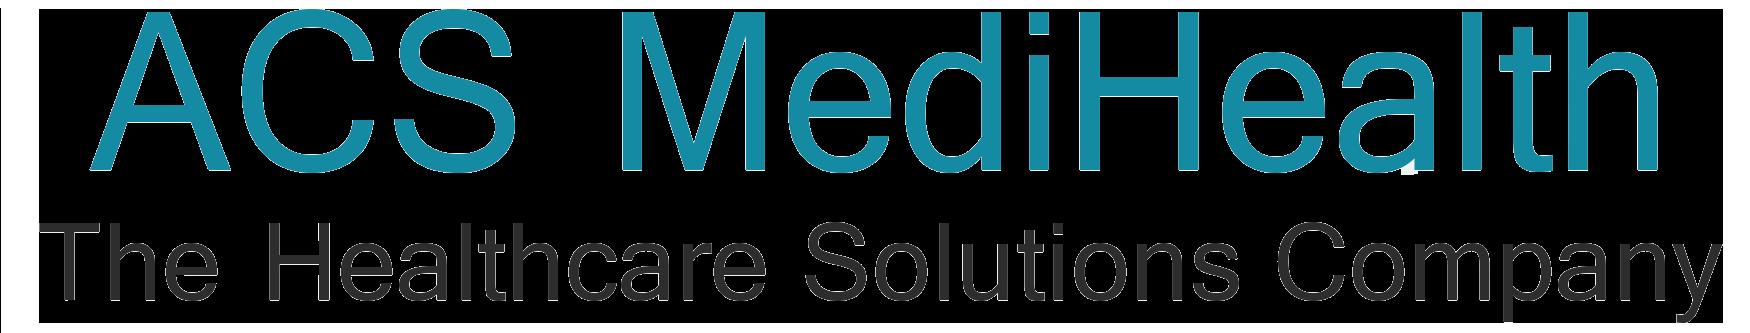 ACS Medihealth